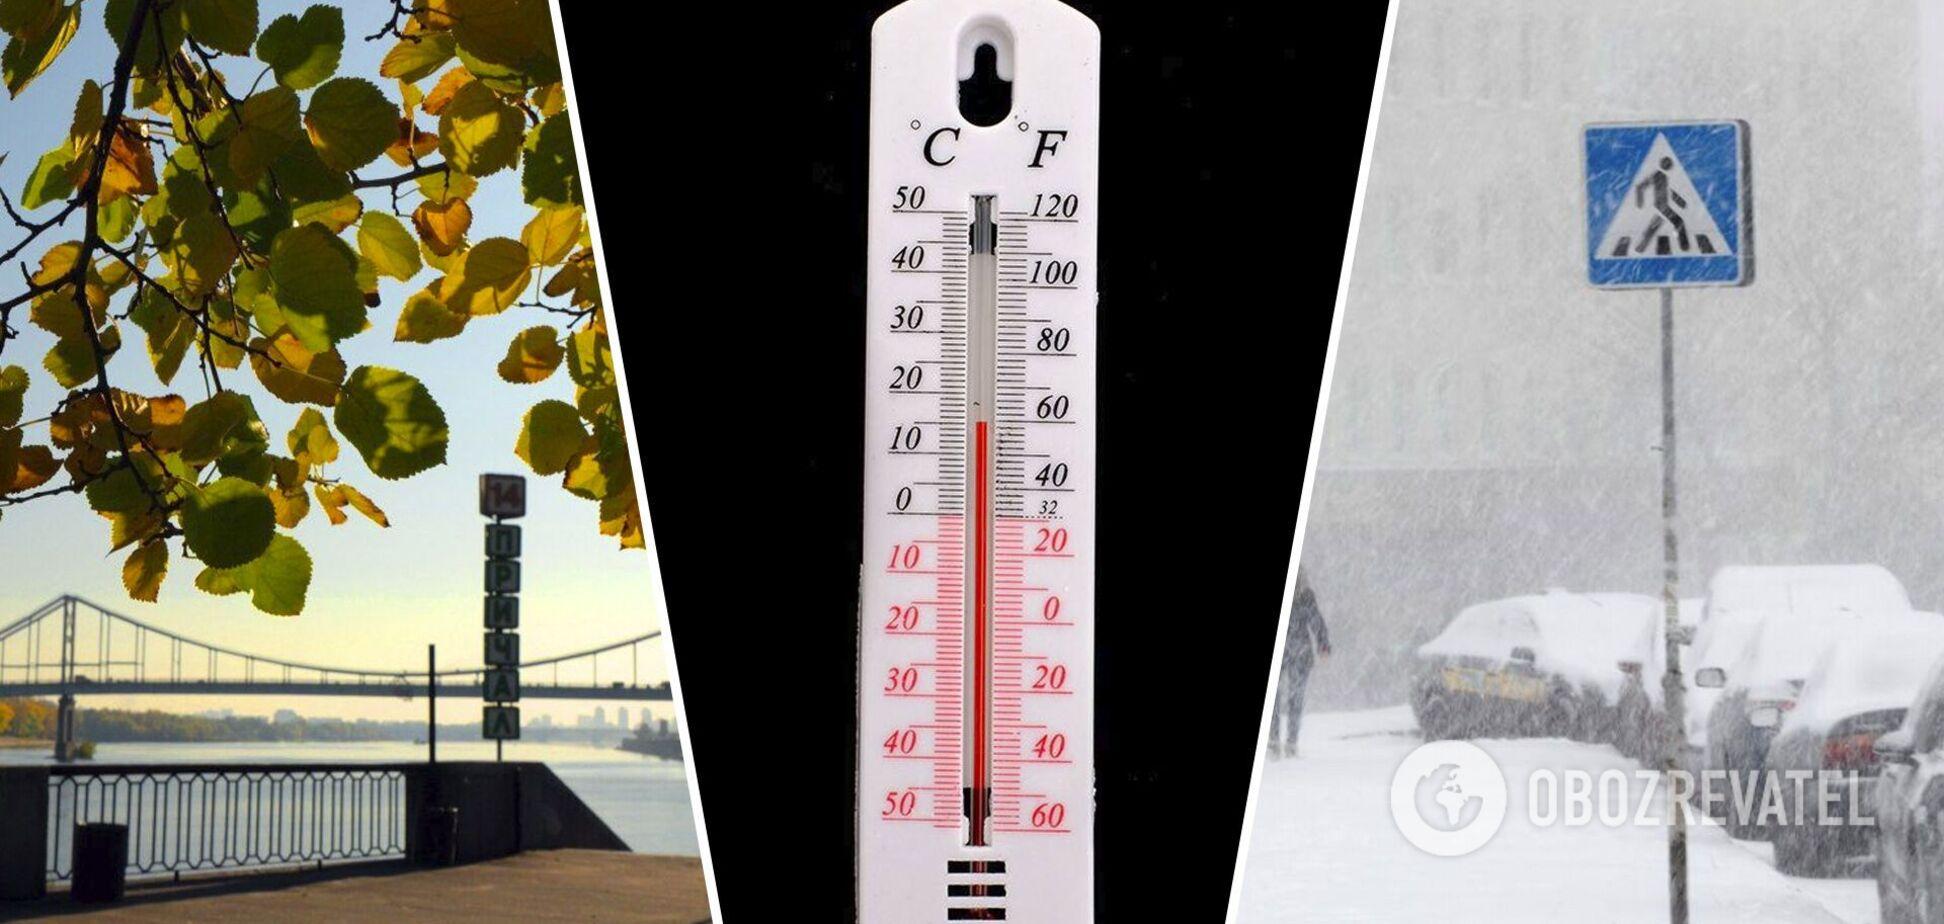 Снег, заморозки и +23: синоптики рассказали, каких погодных сюрпризов ждать в Украине